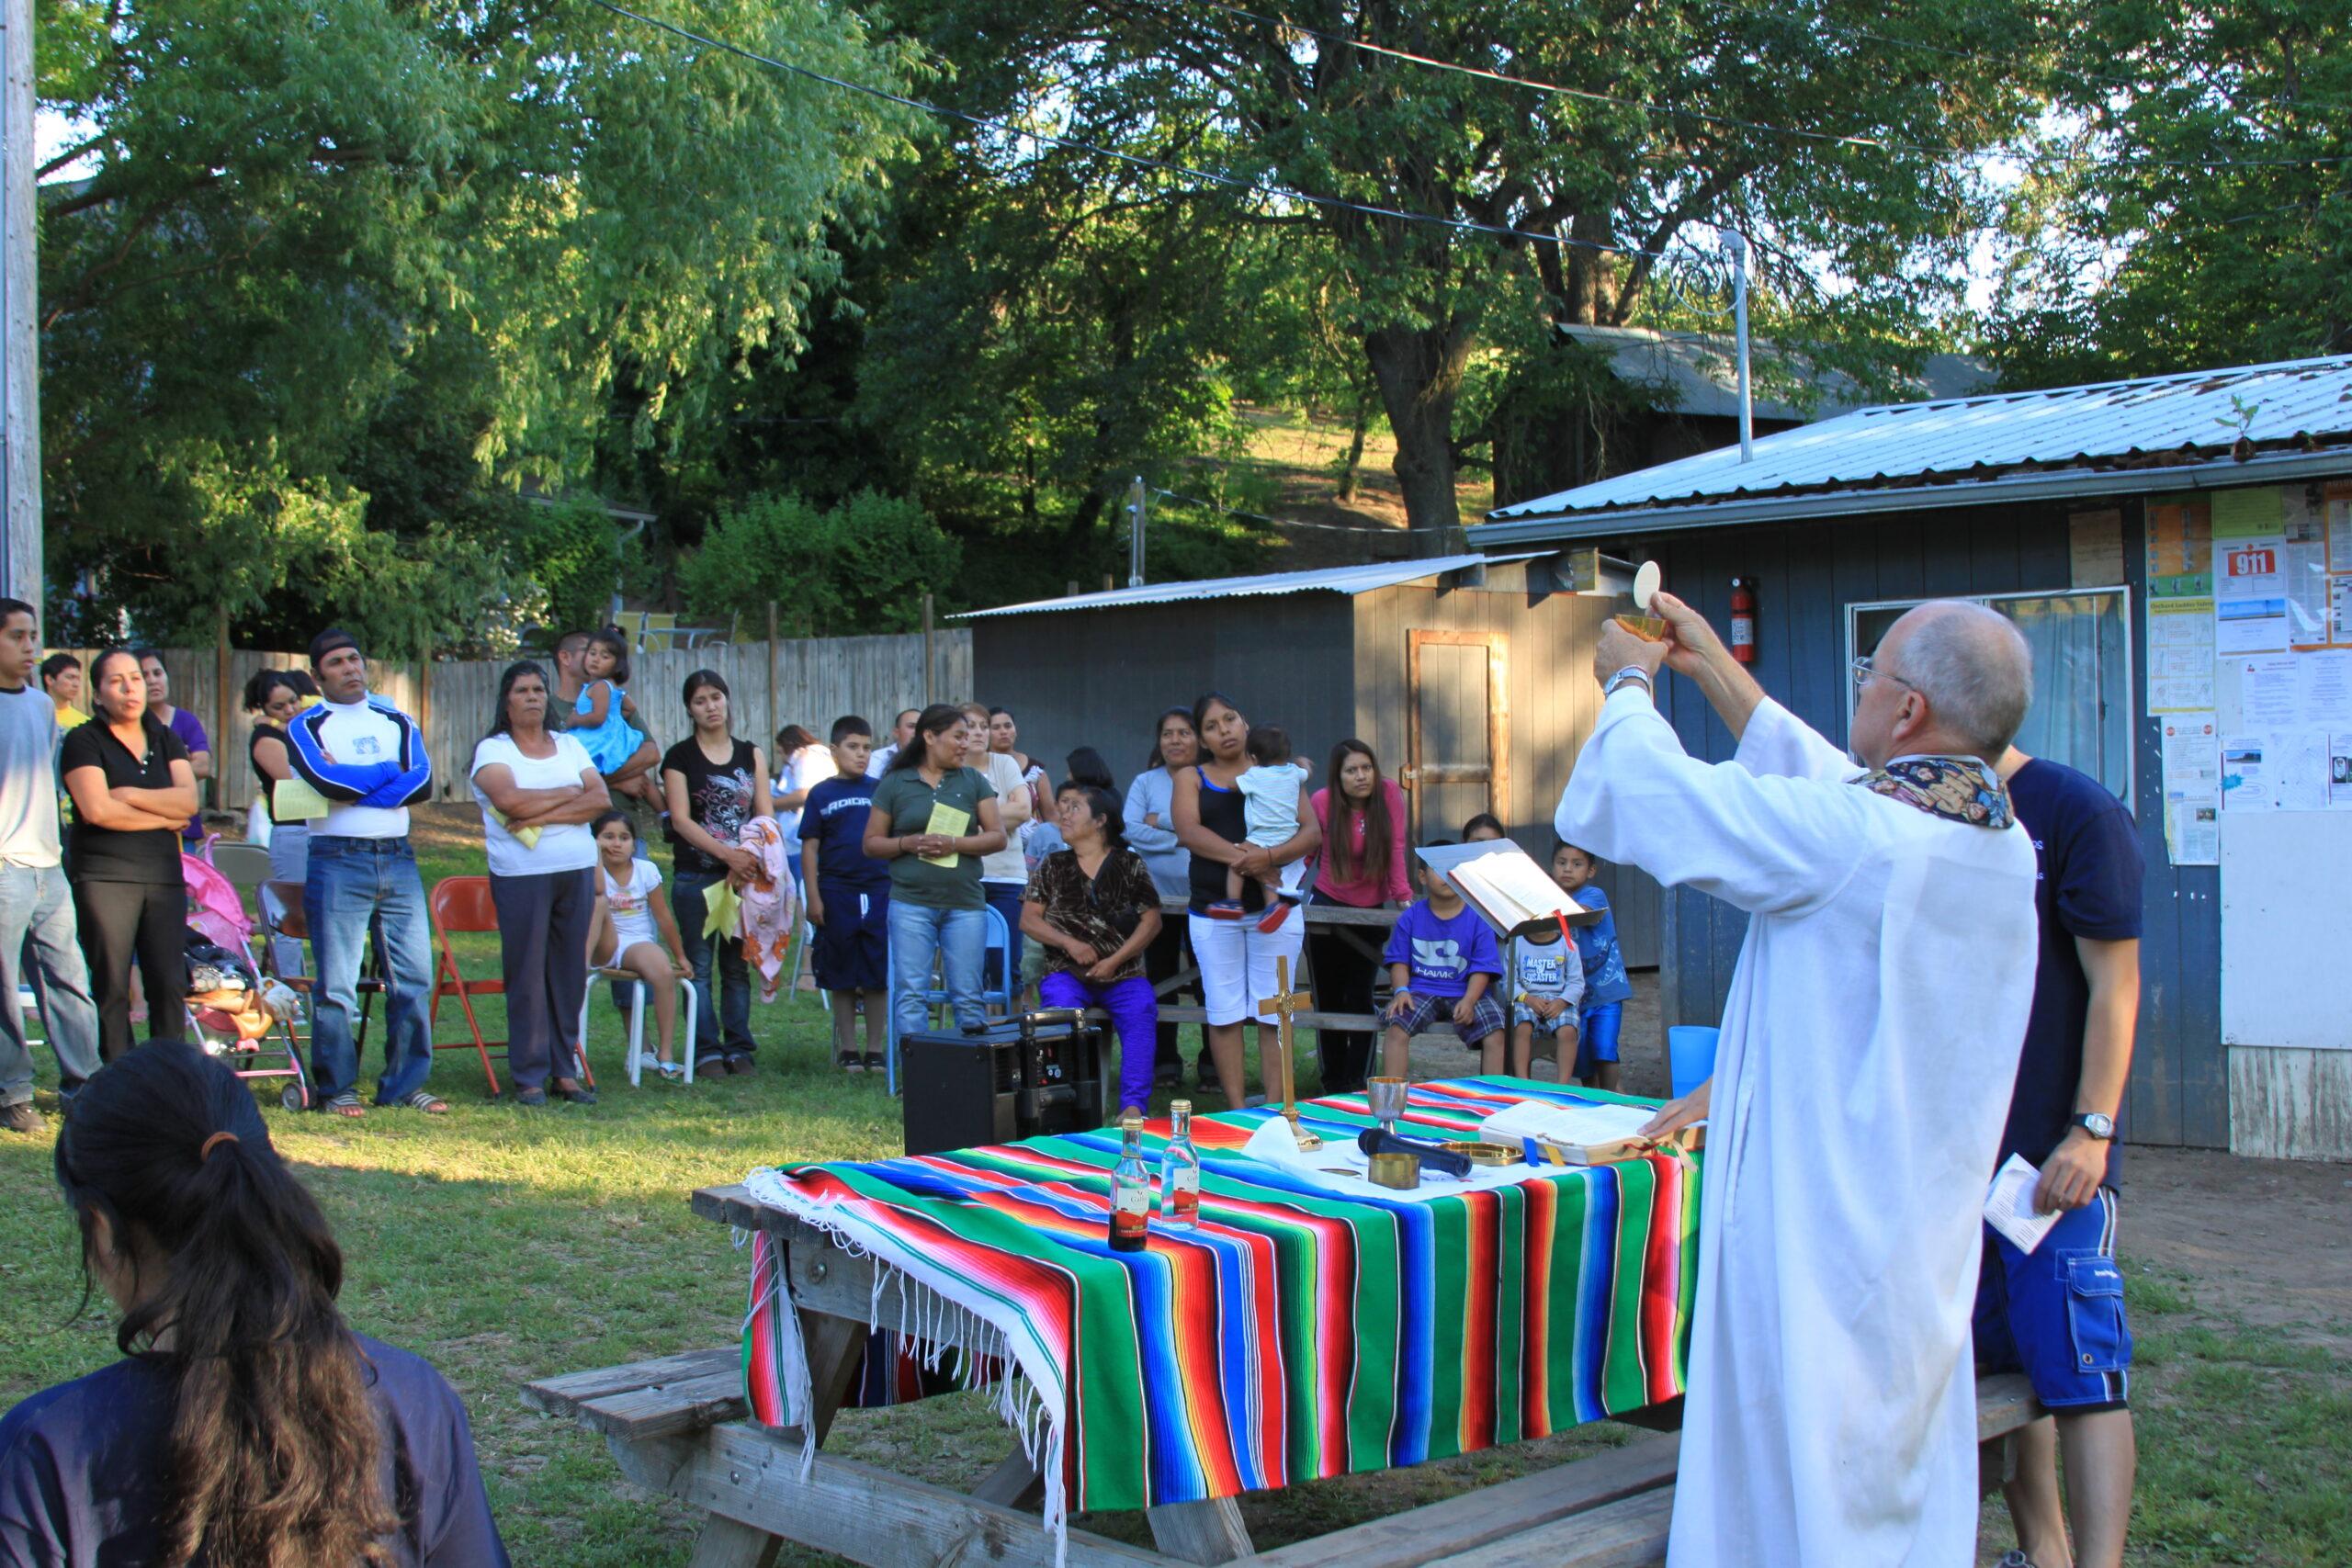 Mission of Padre Migrante: Presentando padremigrante.org - Introducing padremigrante.org